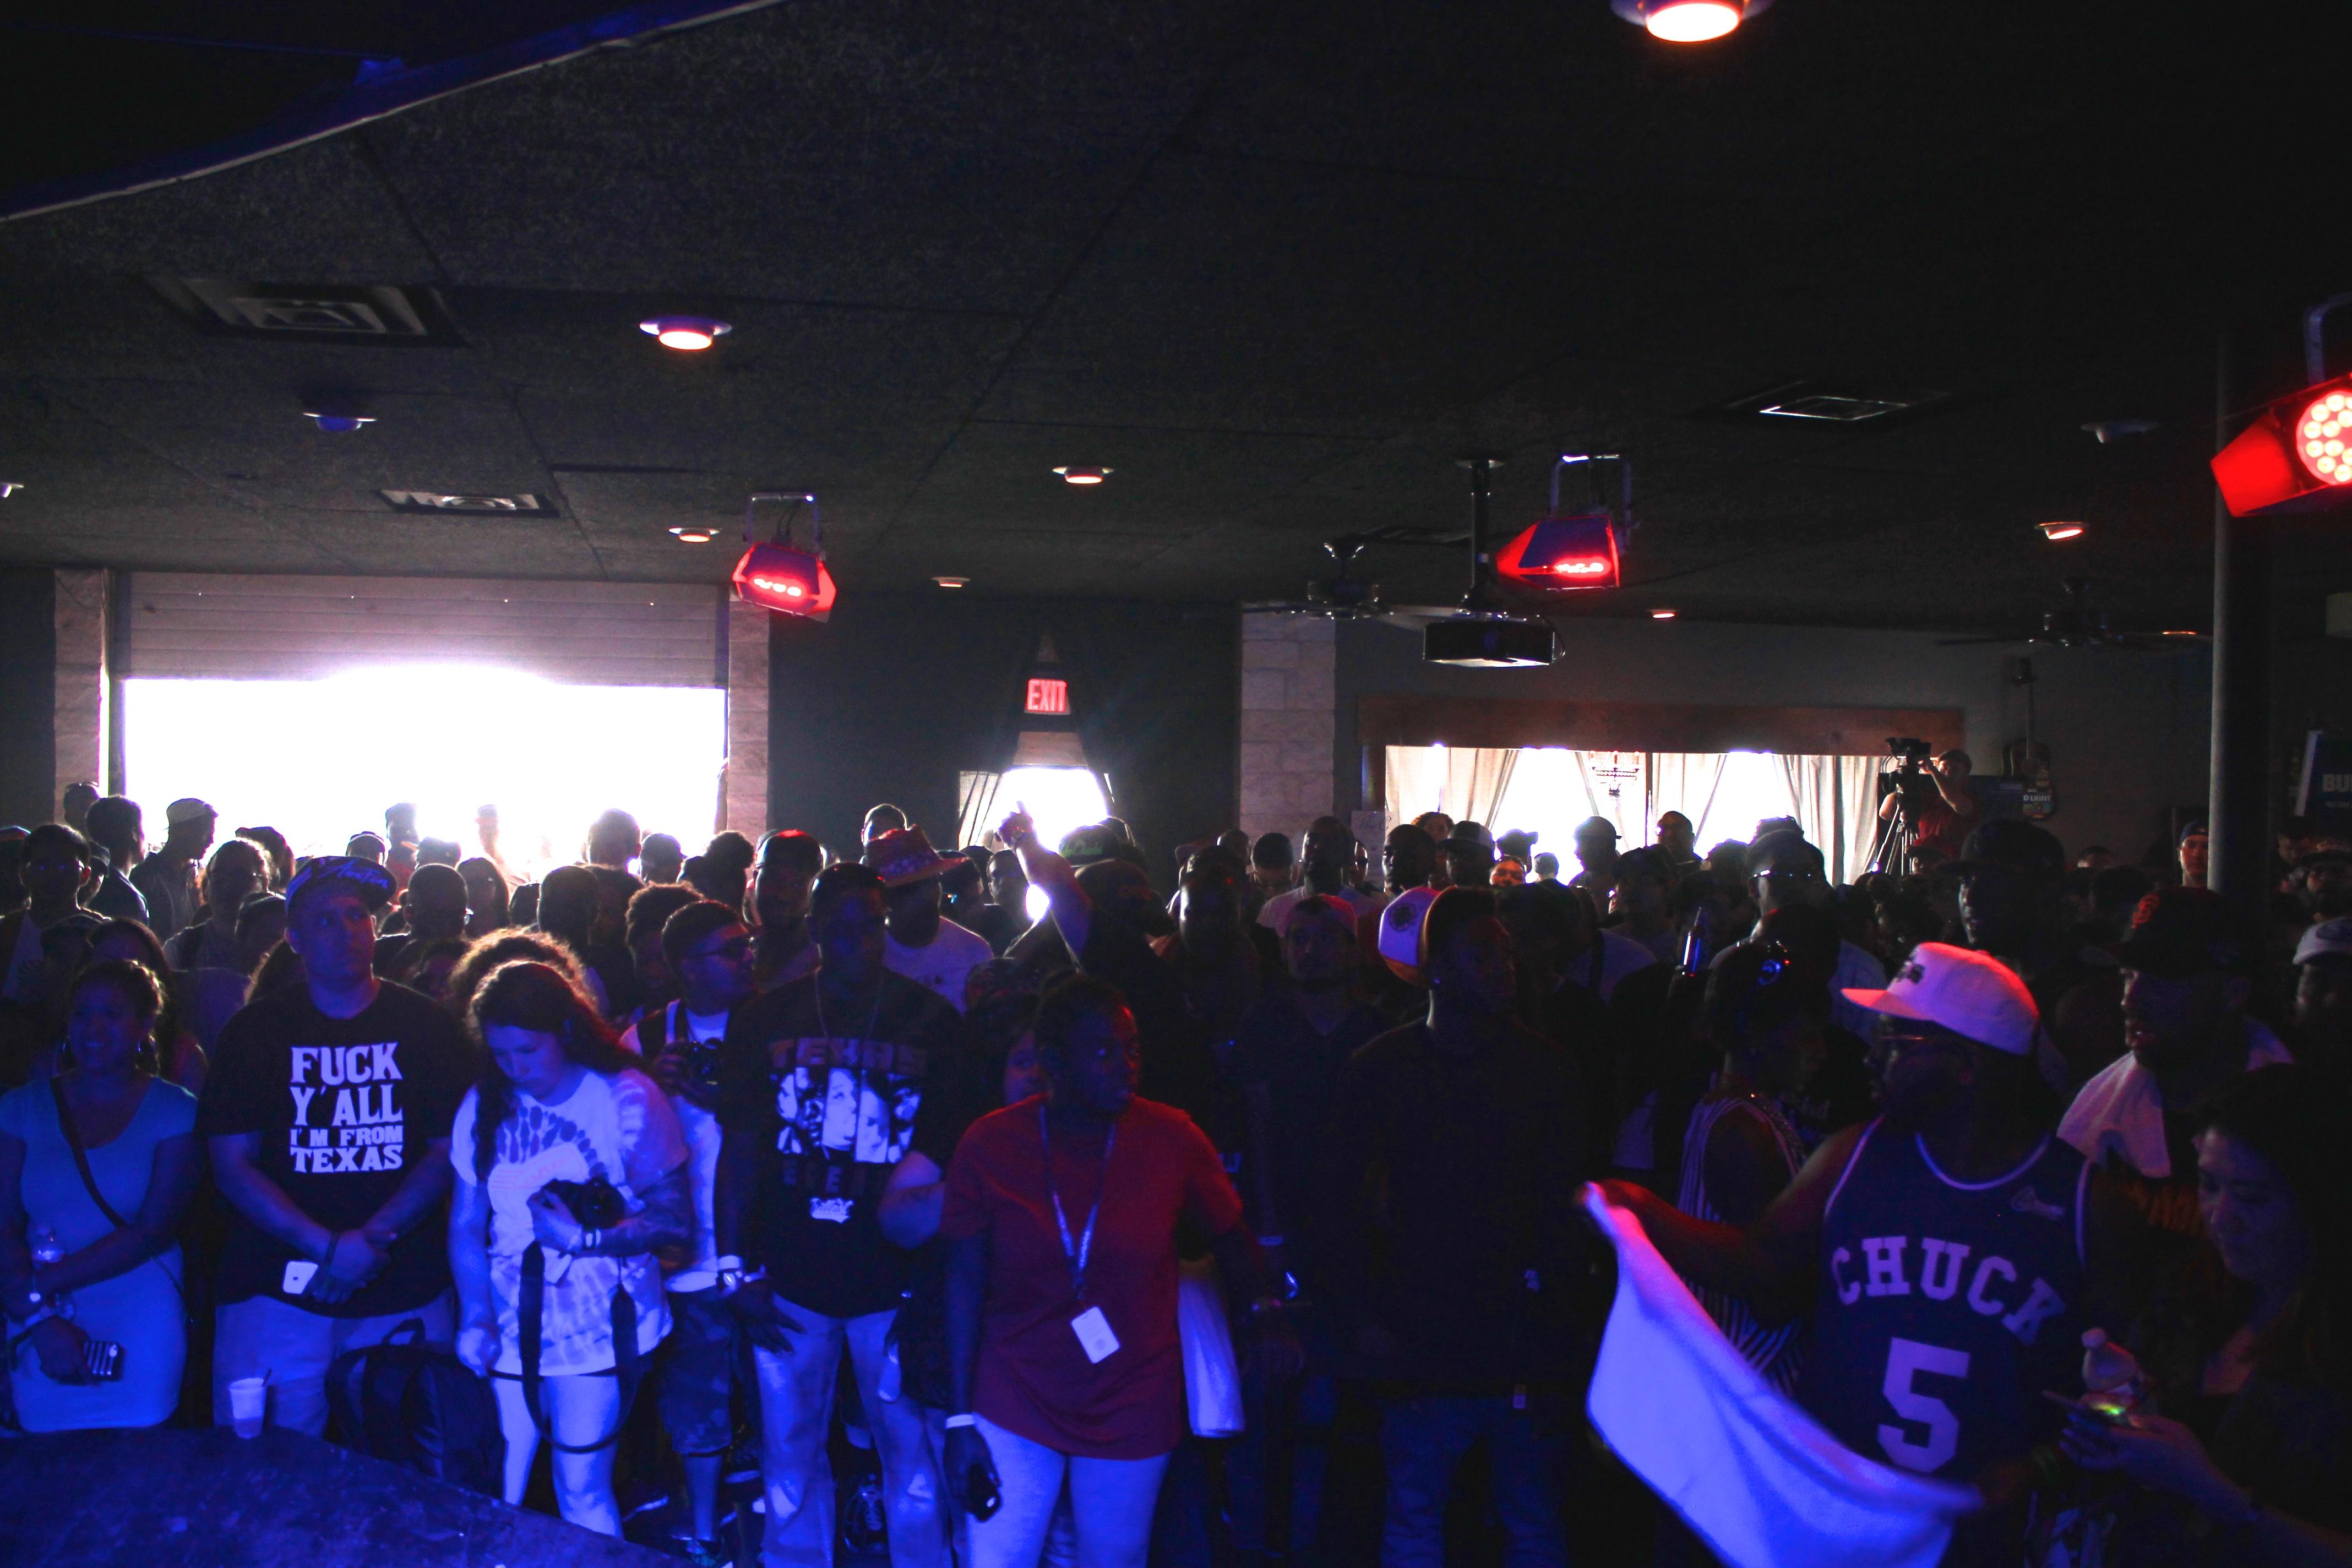 Pimp C SXSW Tribute